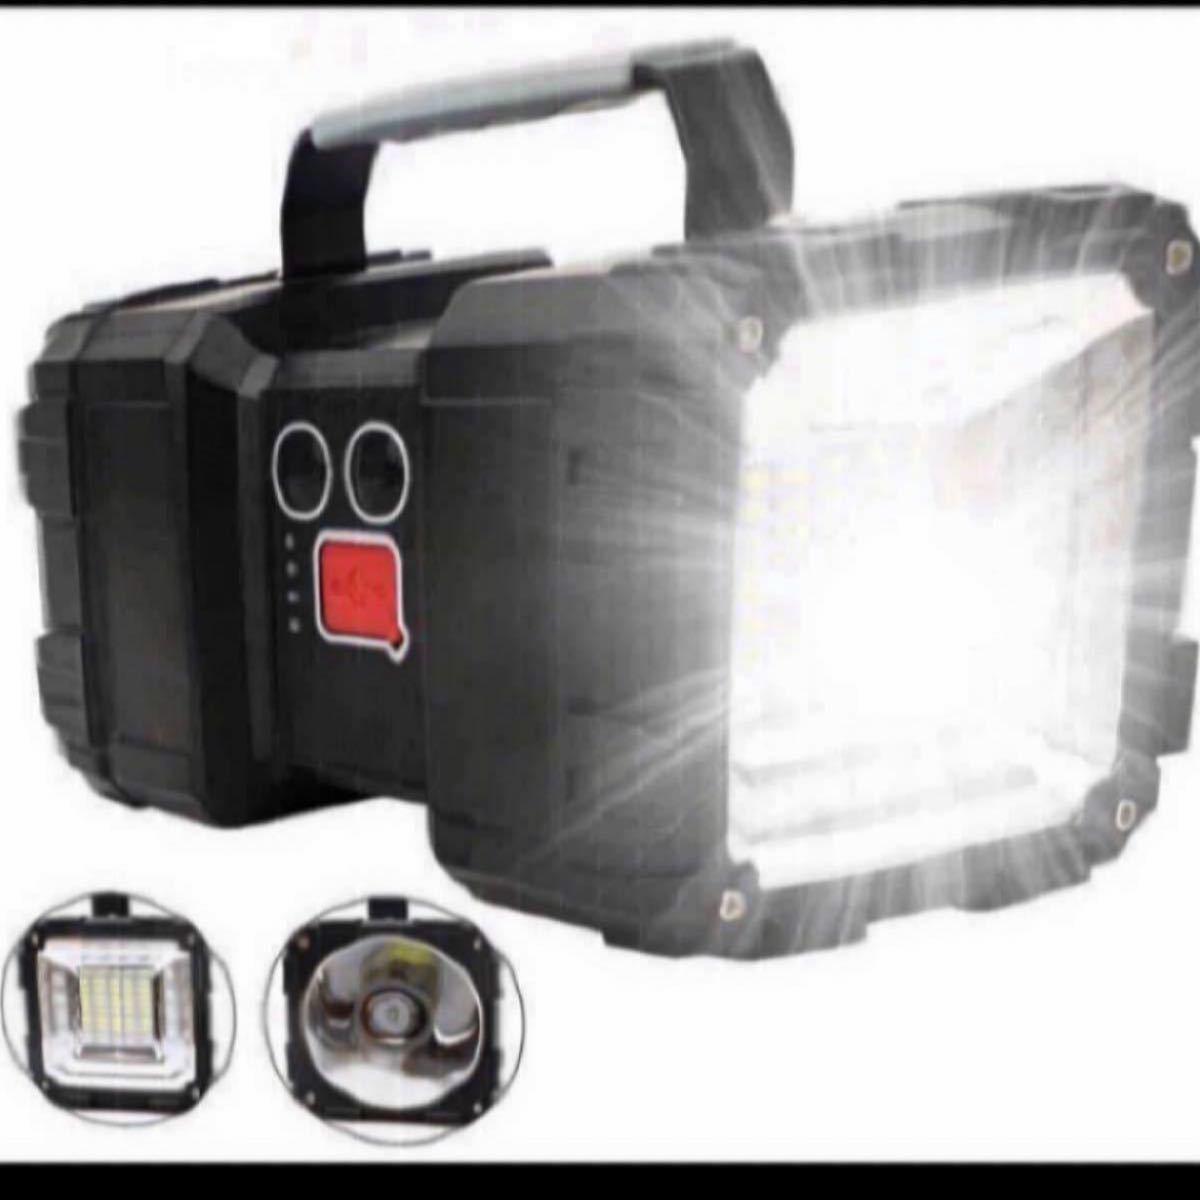 懐中電灯 led 強力 最強 超高輝度 6000ルーメンサーチライト 7モード調光 一台3役 usb充電式給電